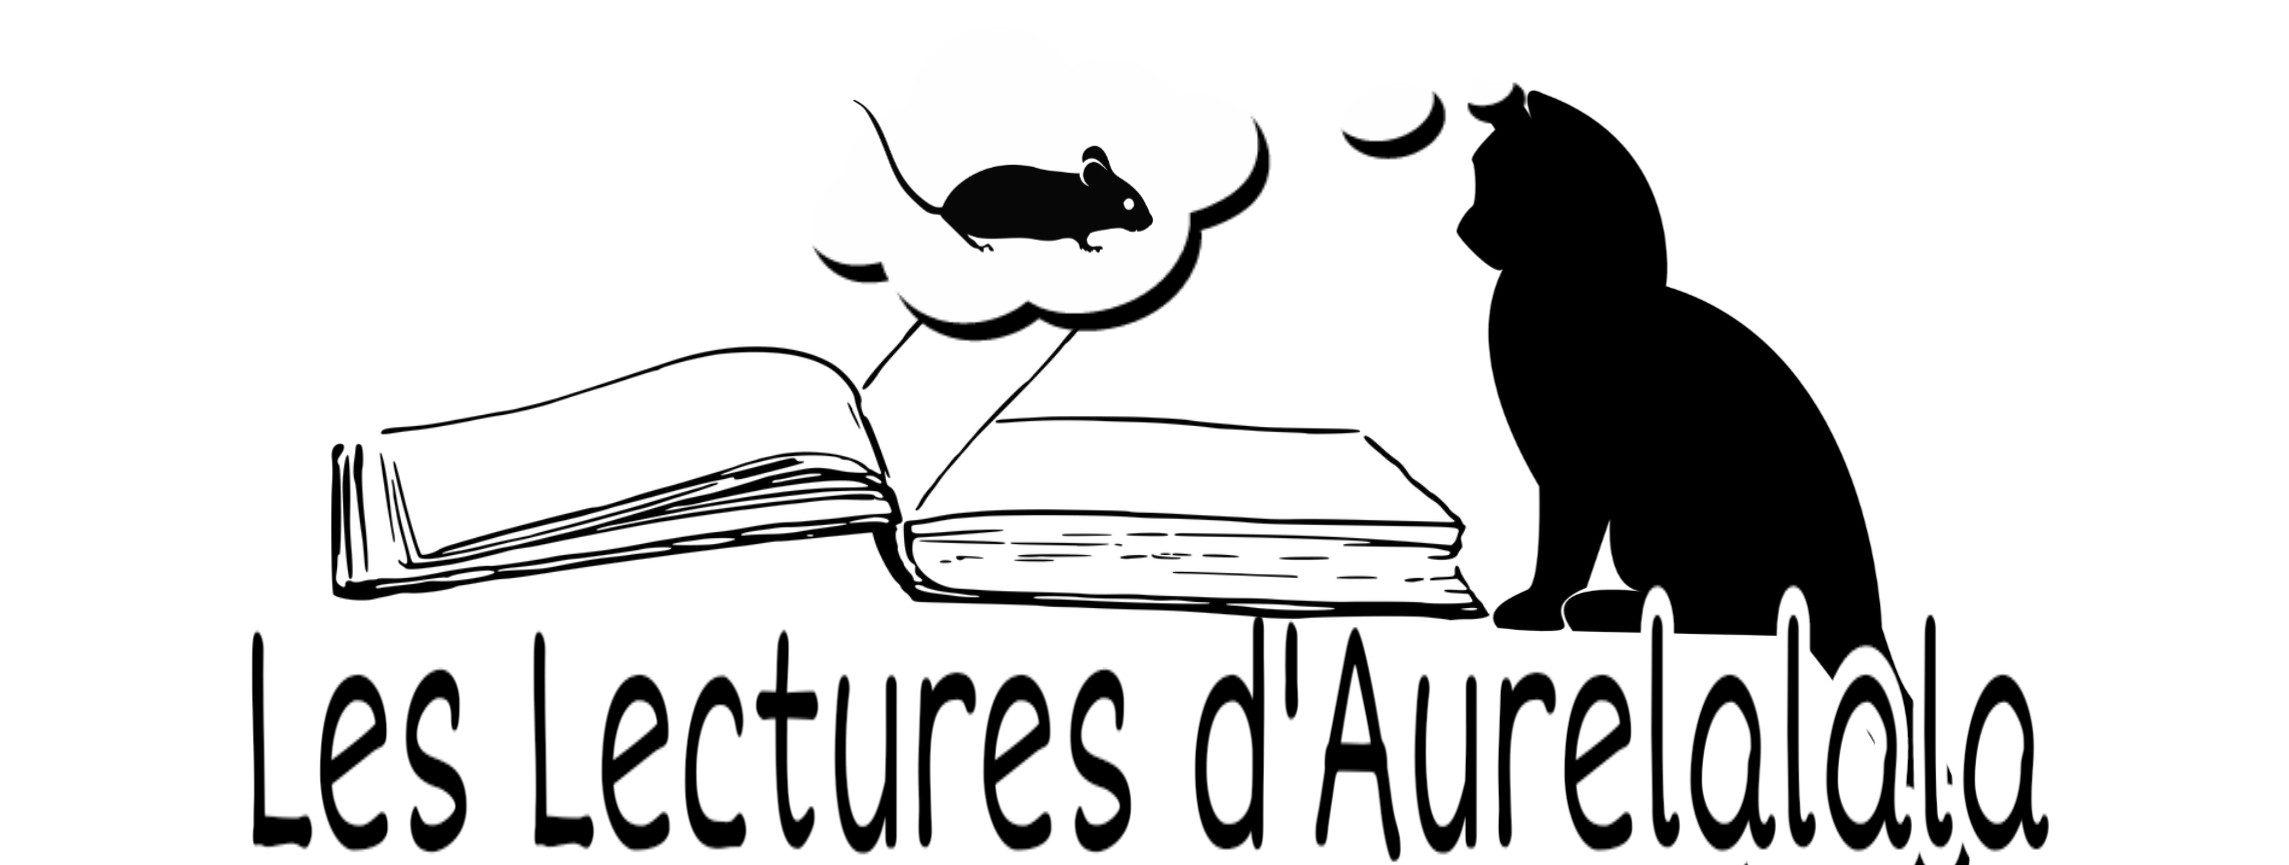 Les lectures d'Aurelalala